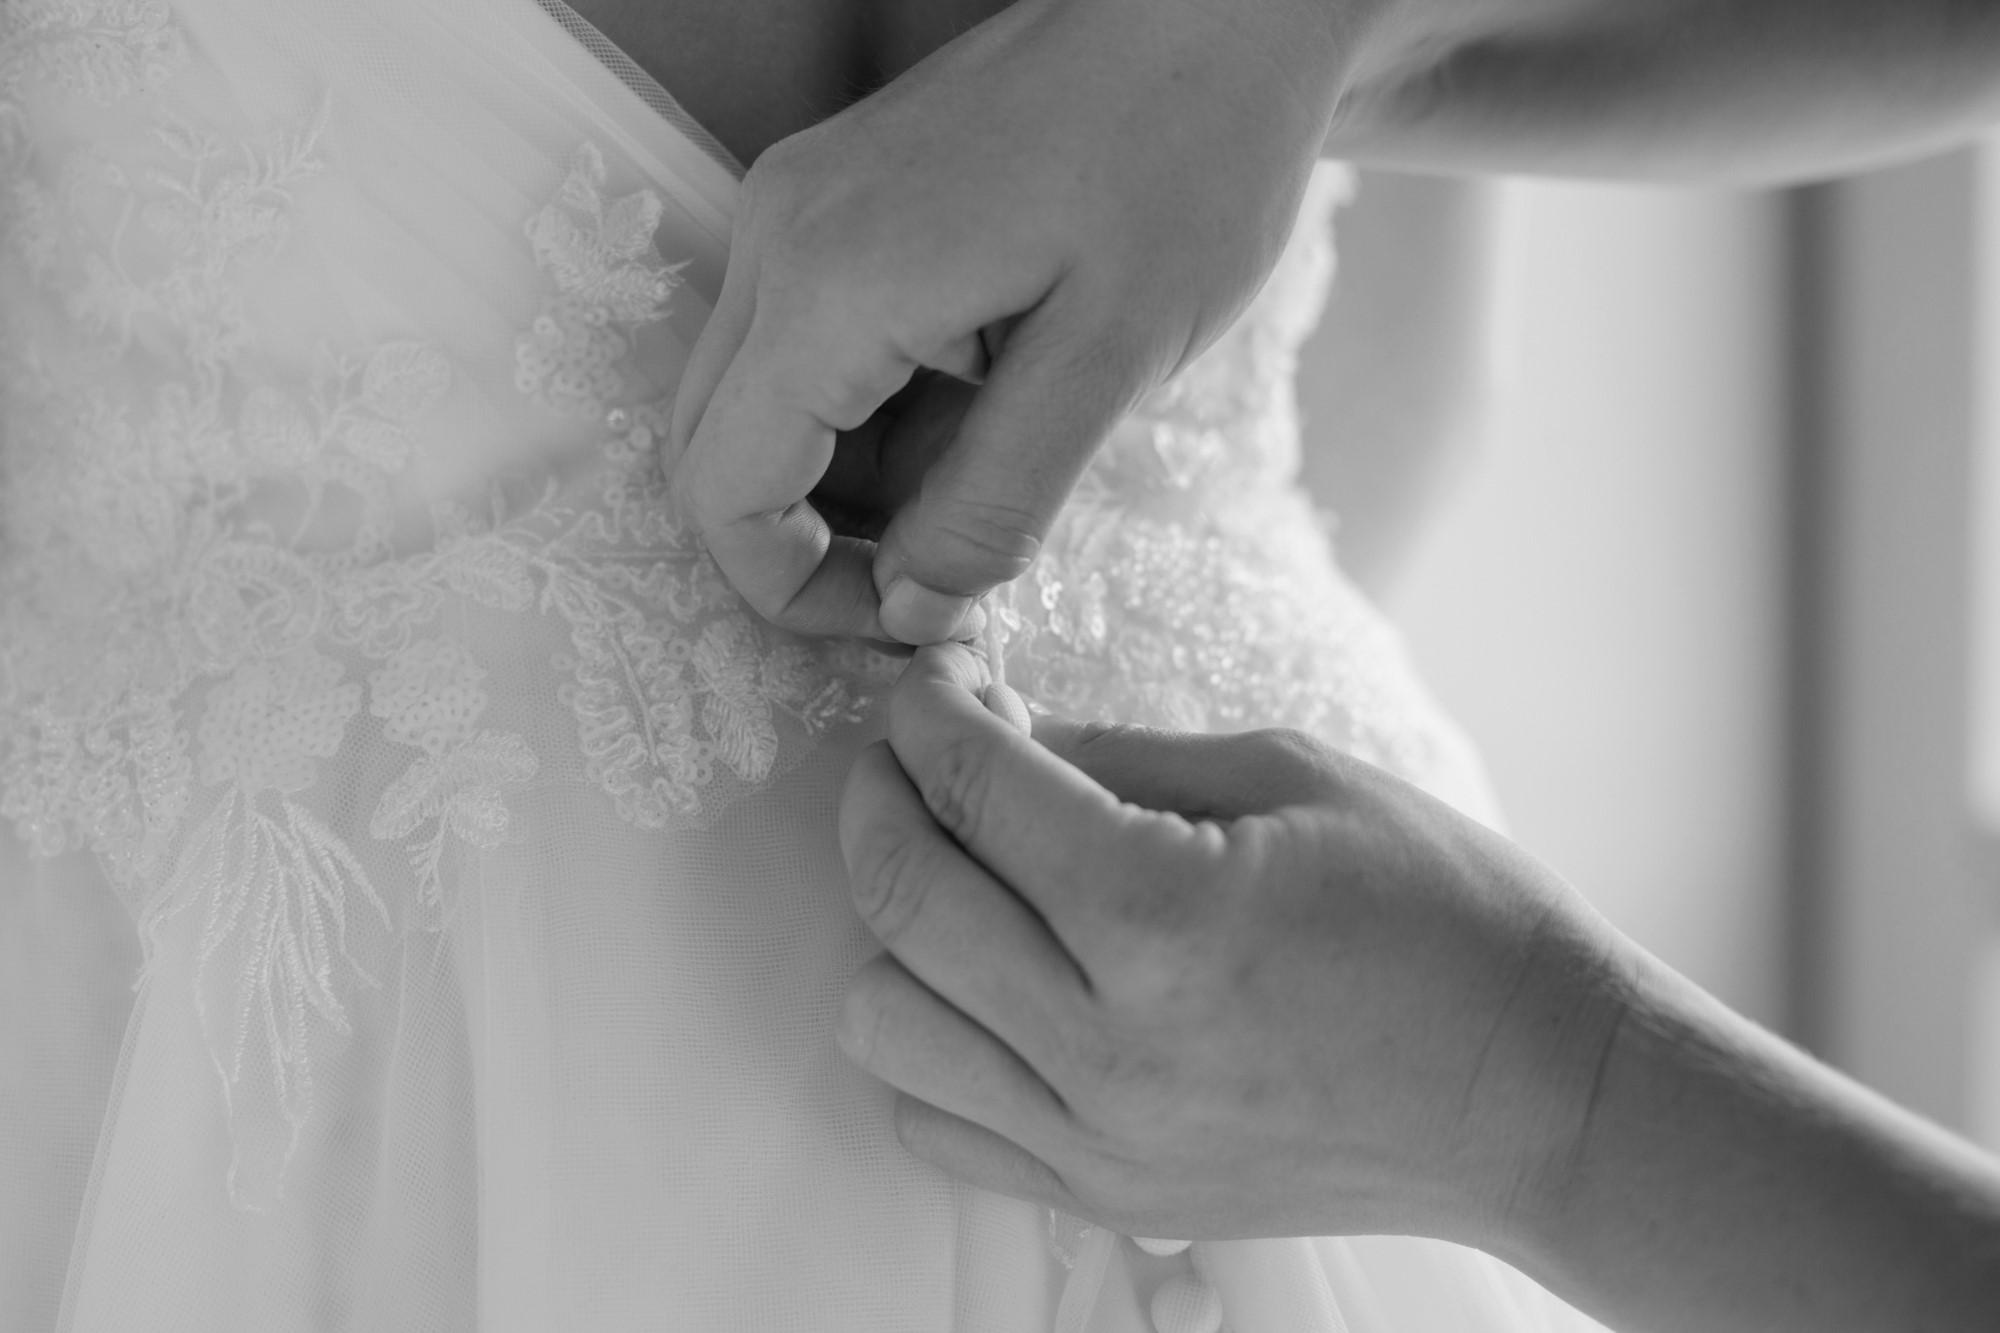 Die Knöpfe am Brautkleid - Getting Ready Fotografie